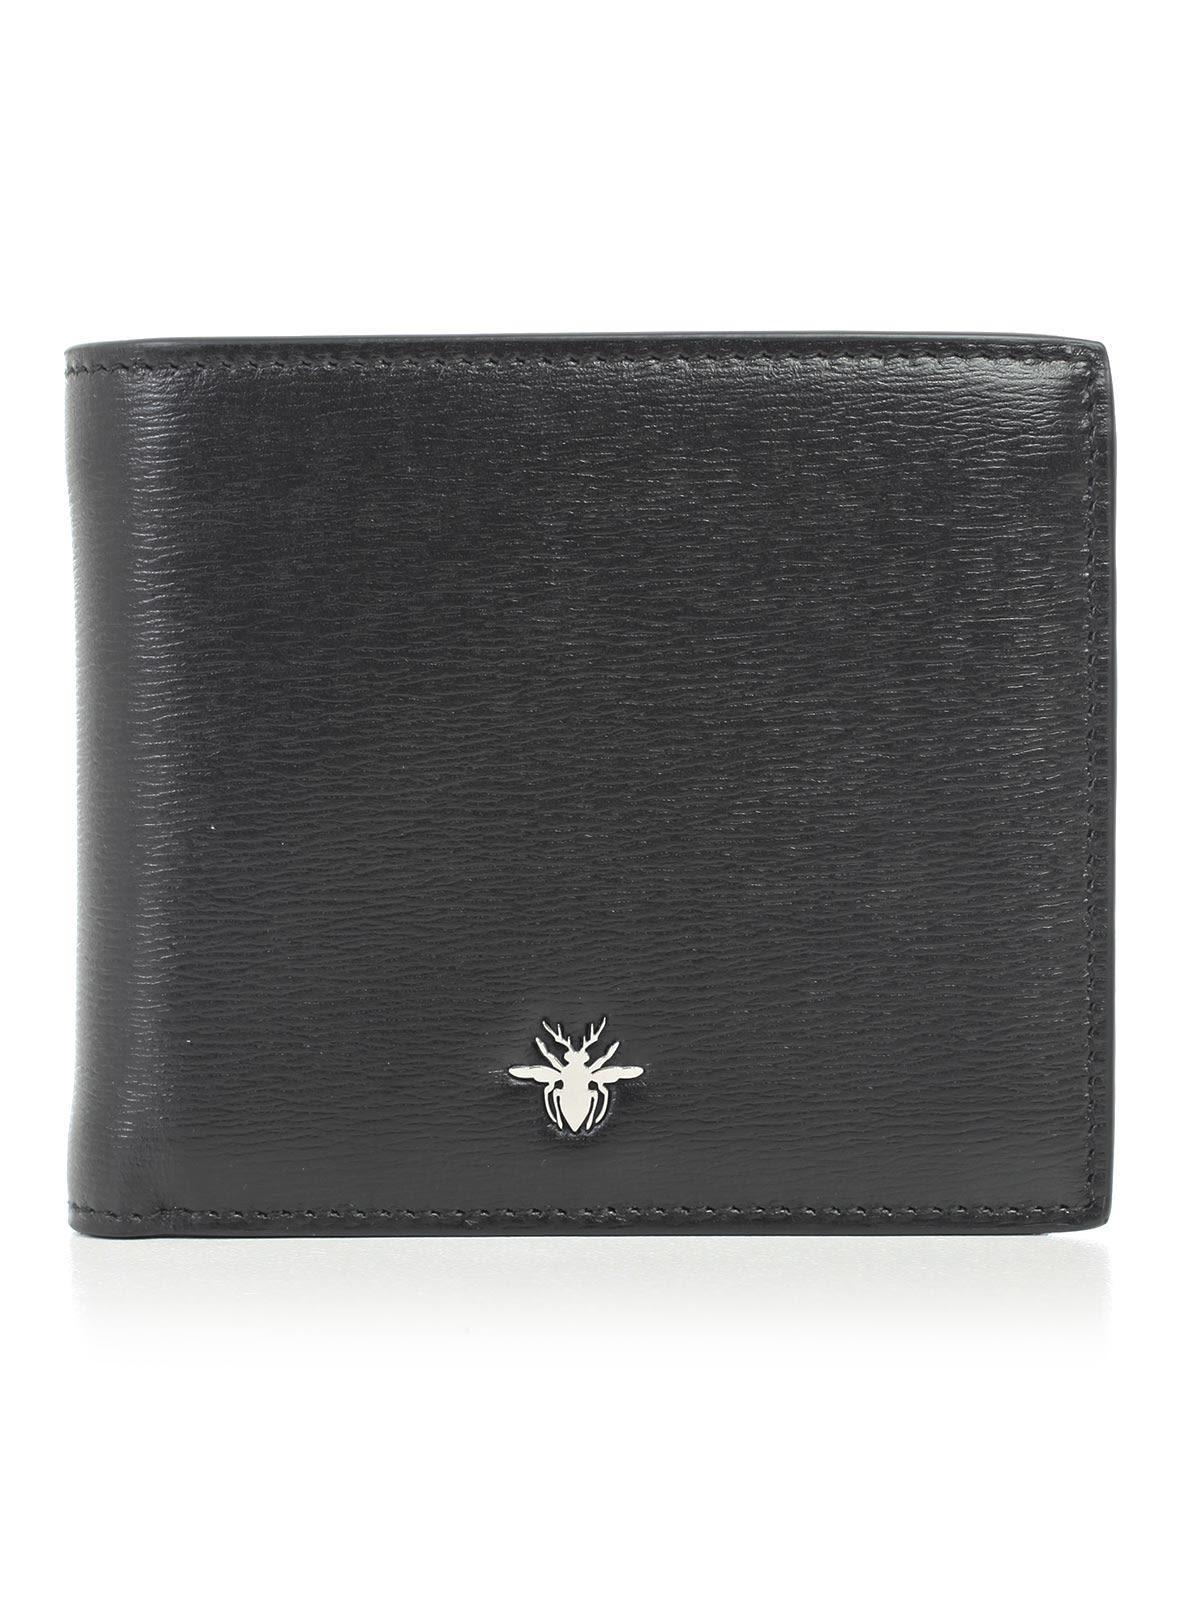 Dior Homme Wallet In H00n Black